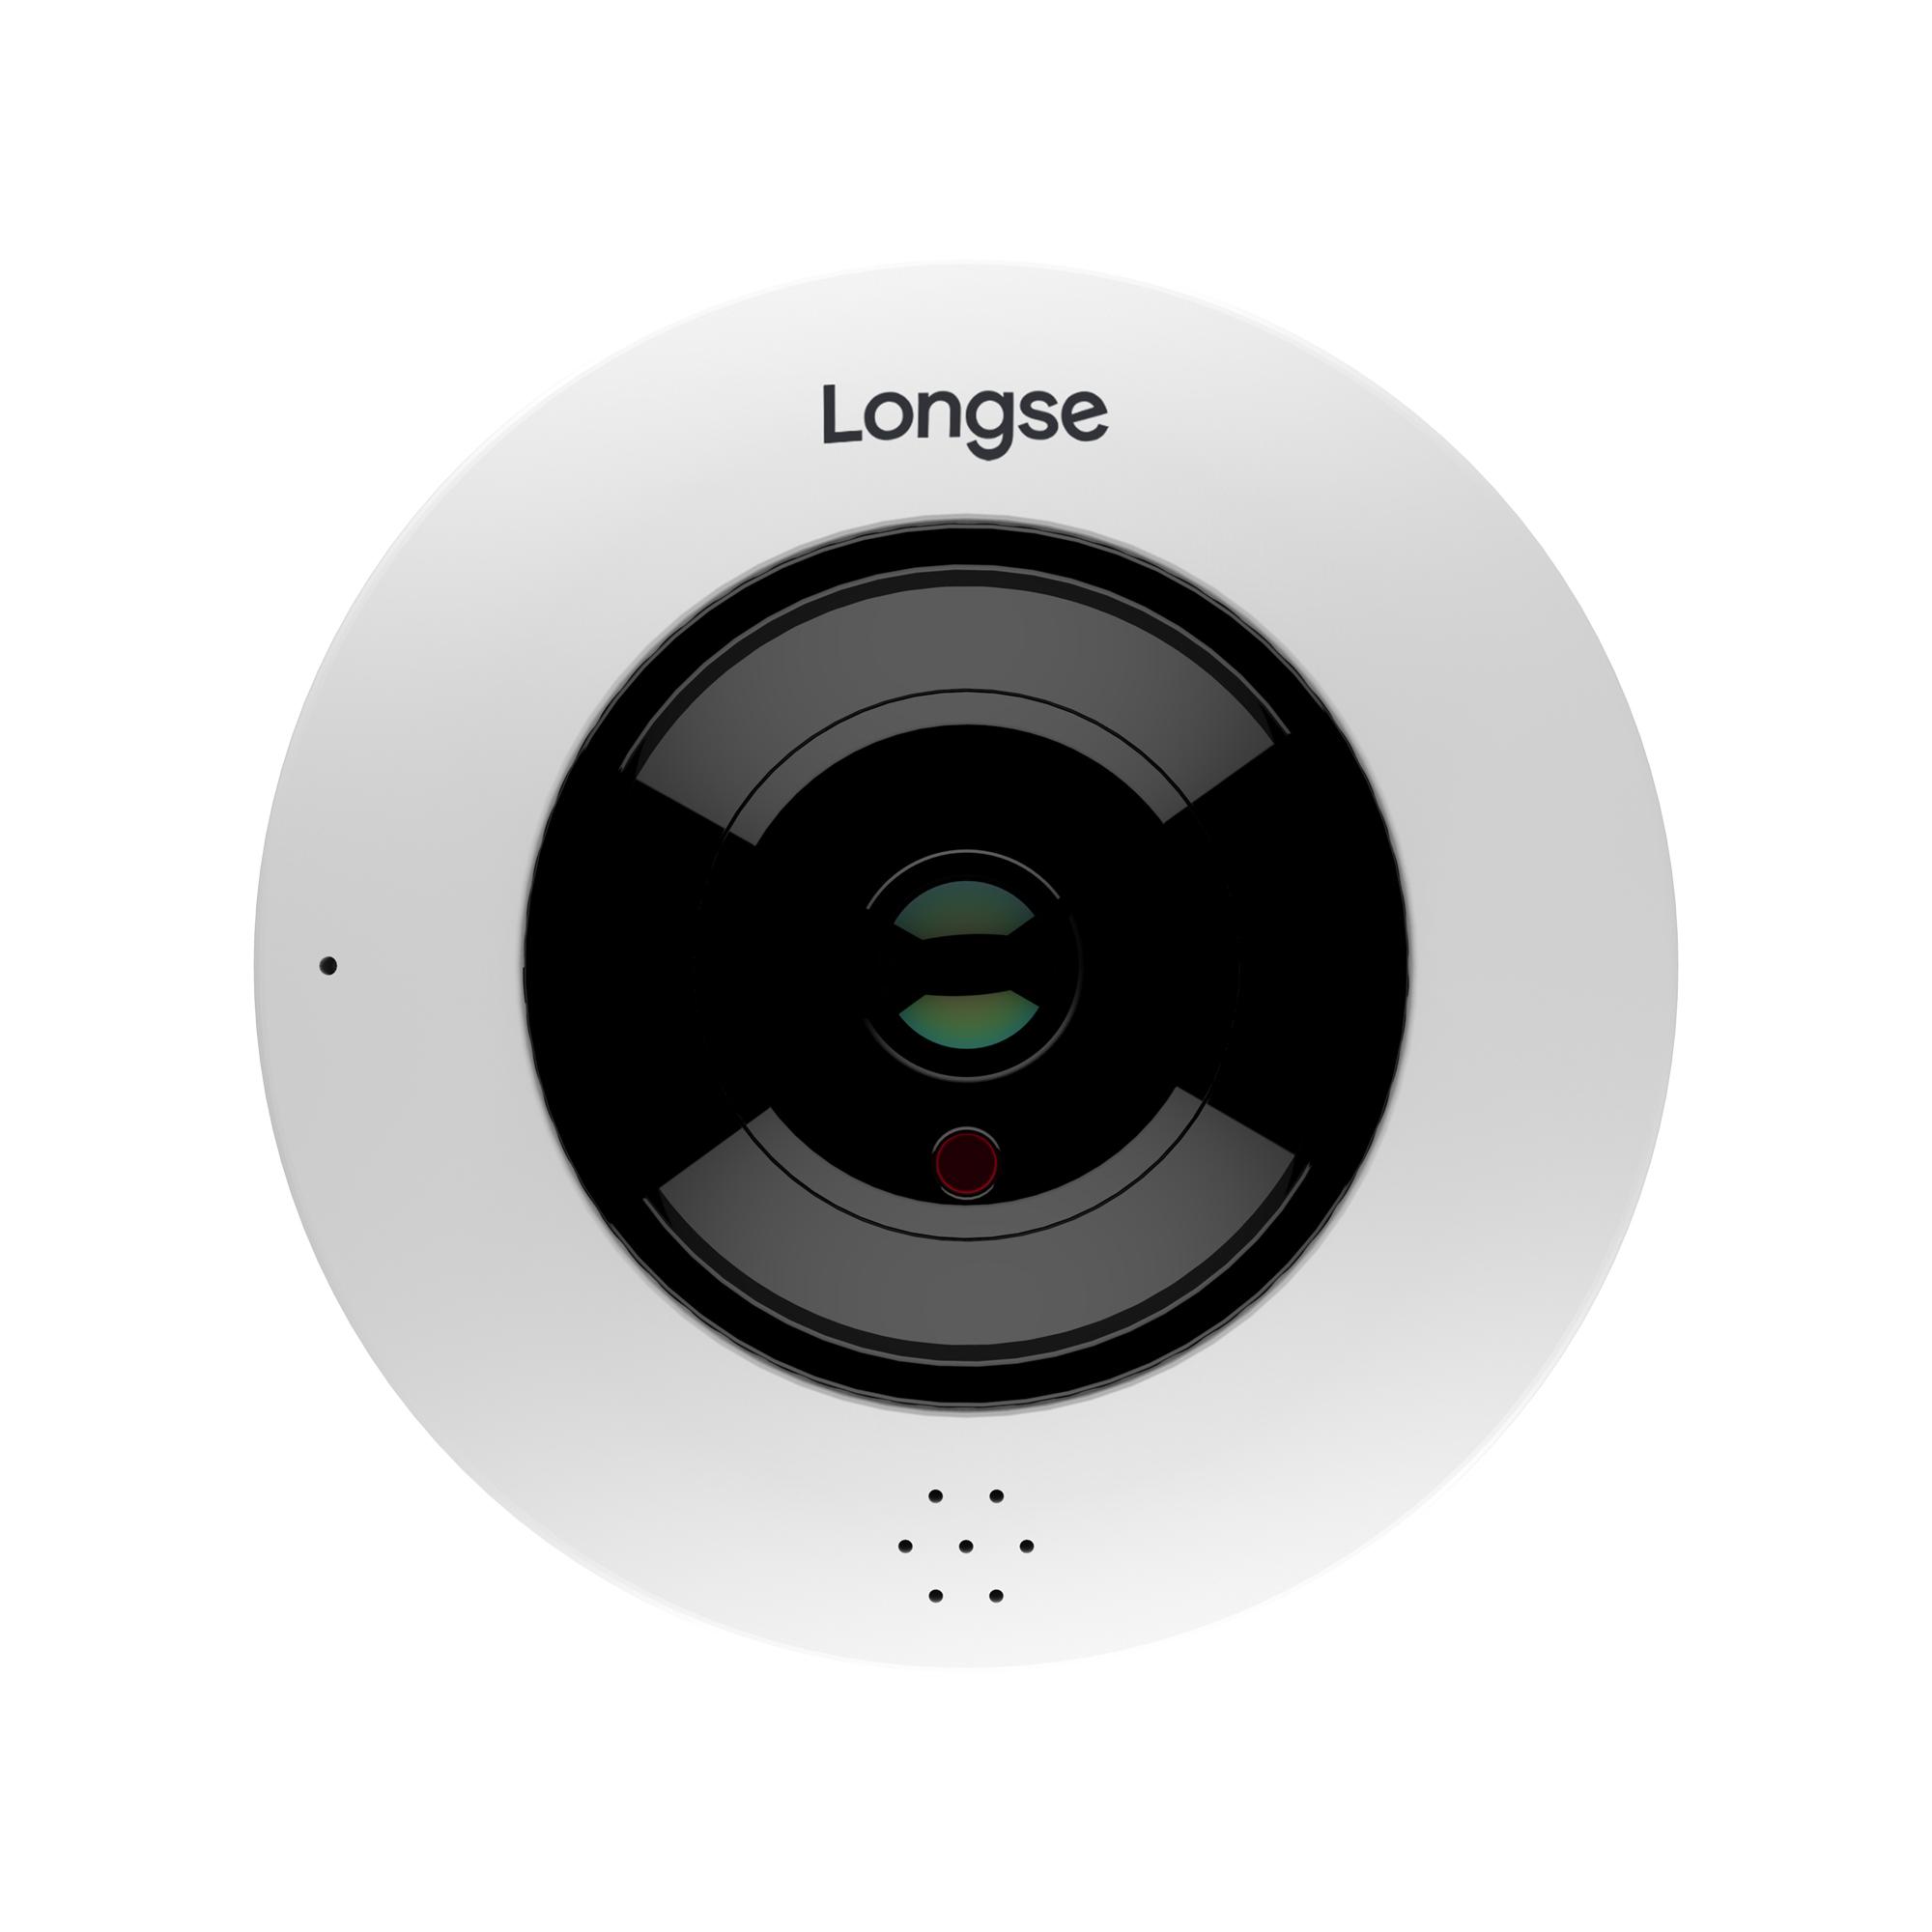 دوربین مداربسته تحت شبکه لانگسی مدل LMDEF300